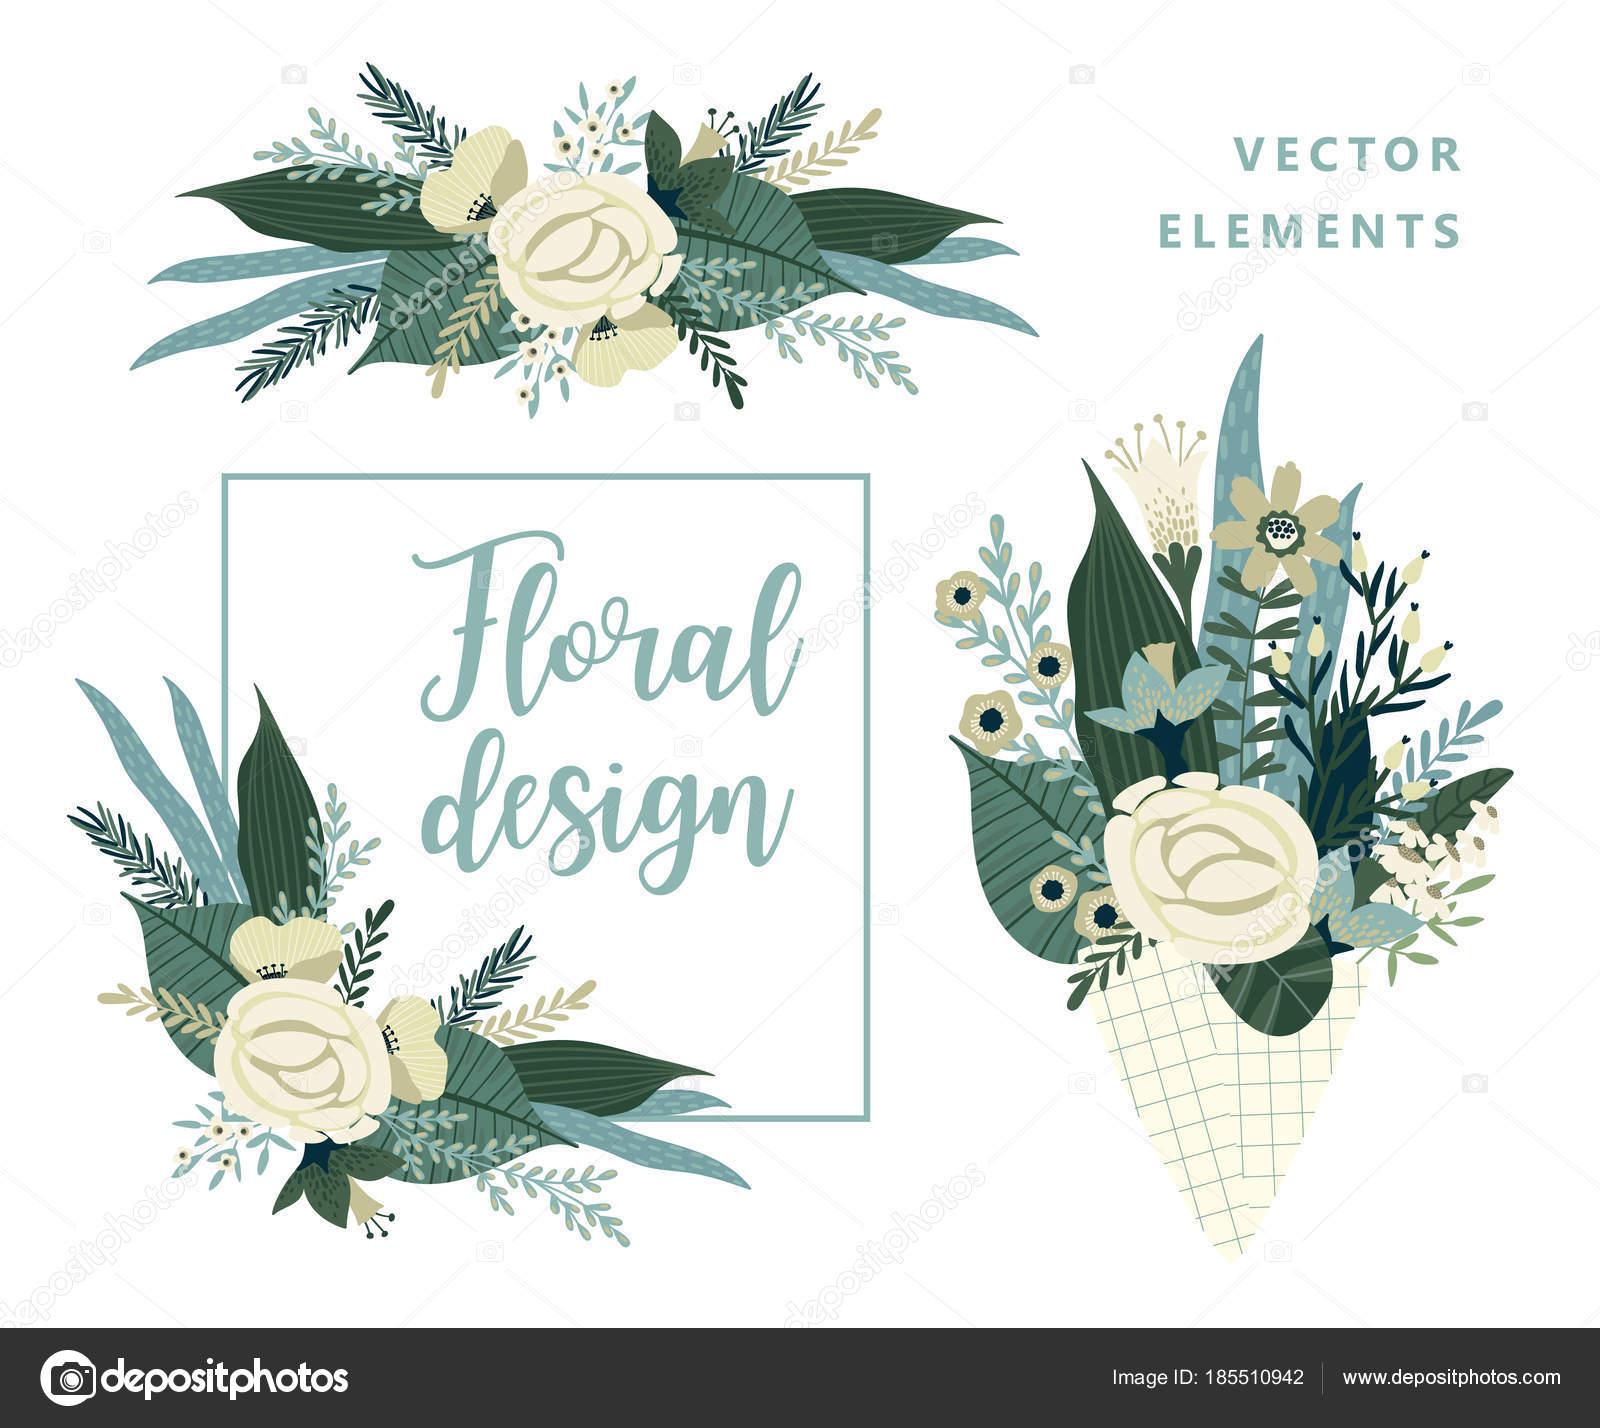 Design Für Karte, Poster, Banner, Einladung, Hochzeit, Gruß Und Andere  Benutzer U2014 Vektor Von Nadezda_Grapes